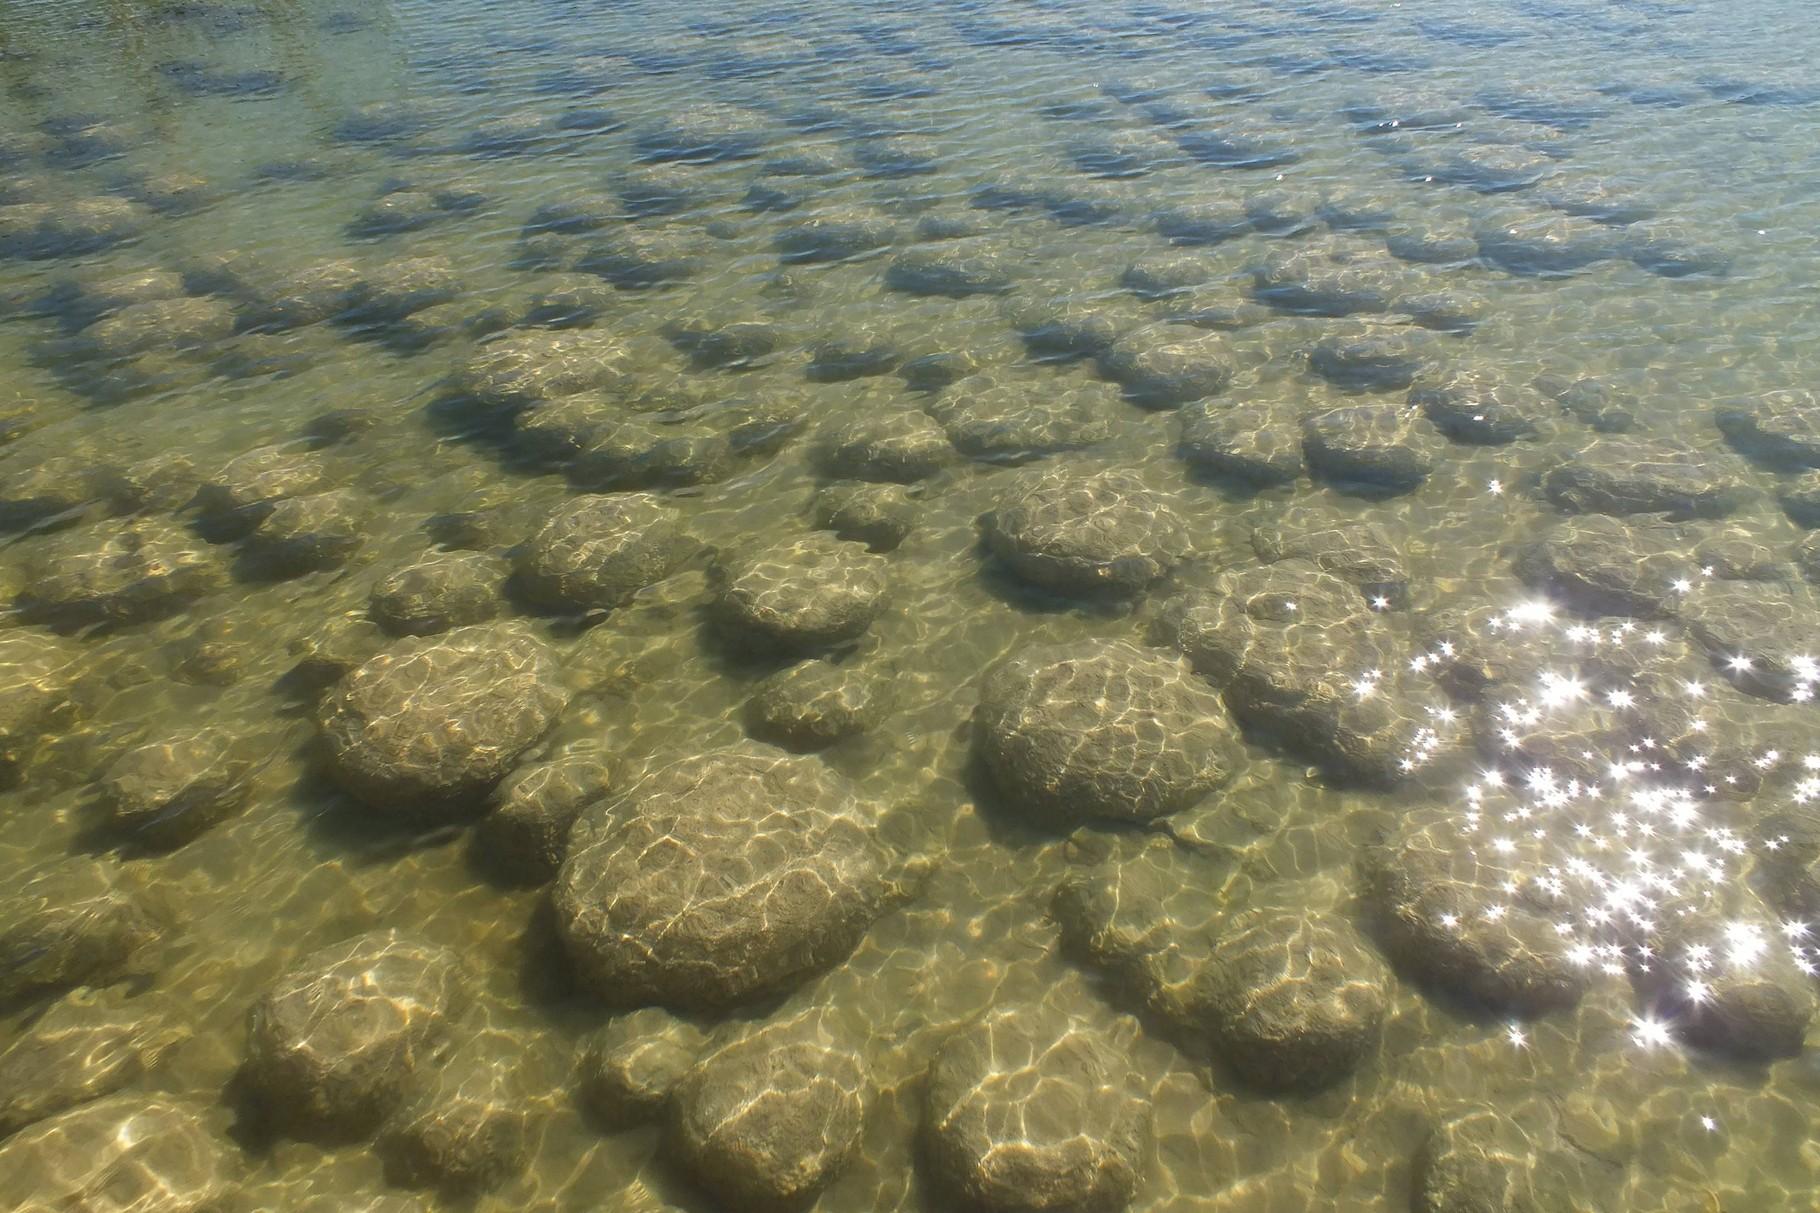 Thromboliten - wachsende Steine - nördlich von Bunburry